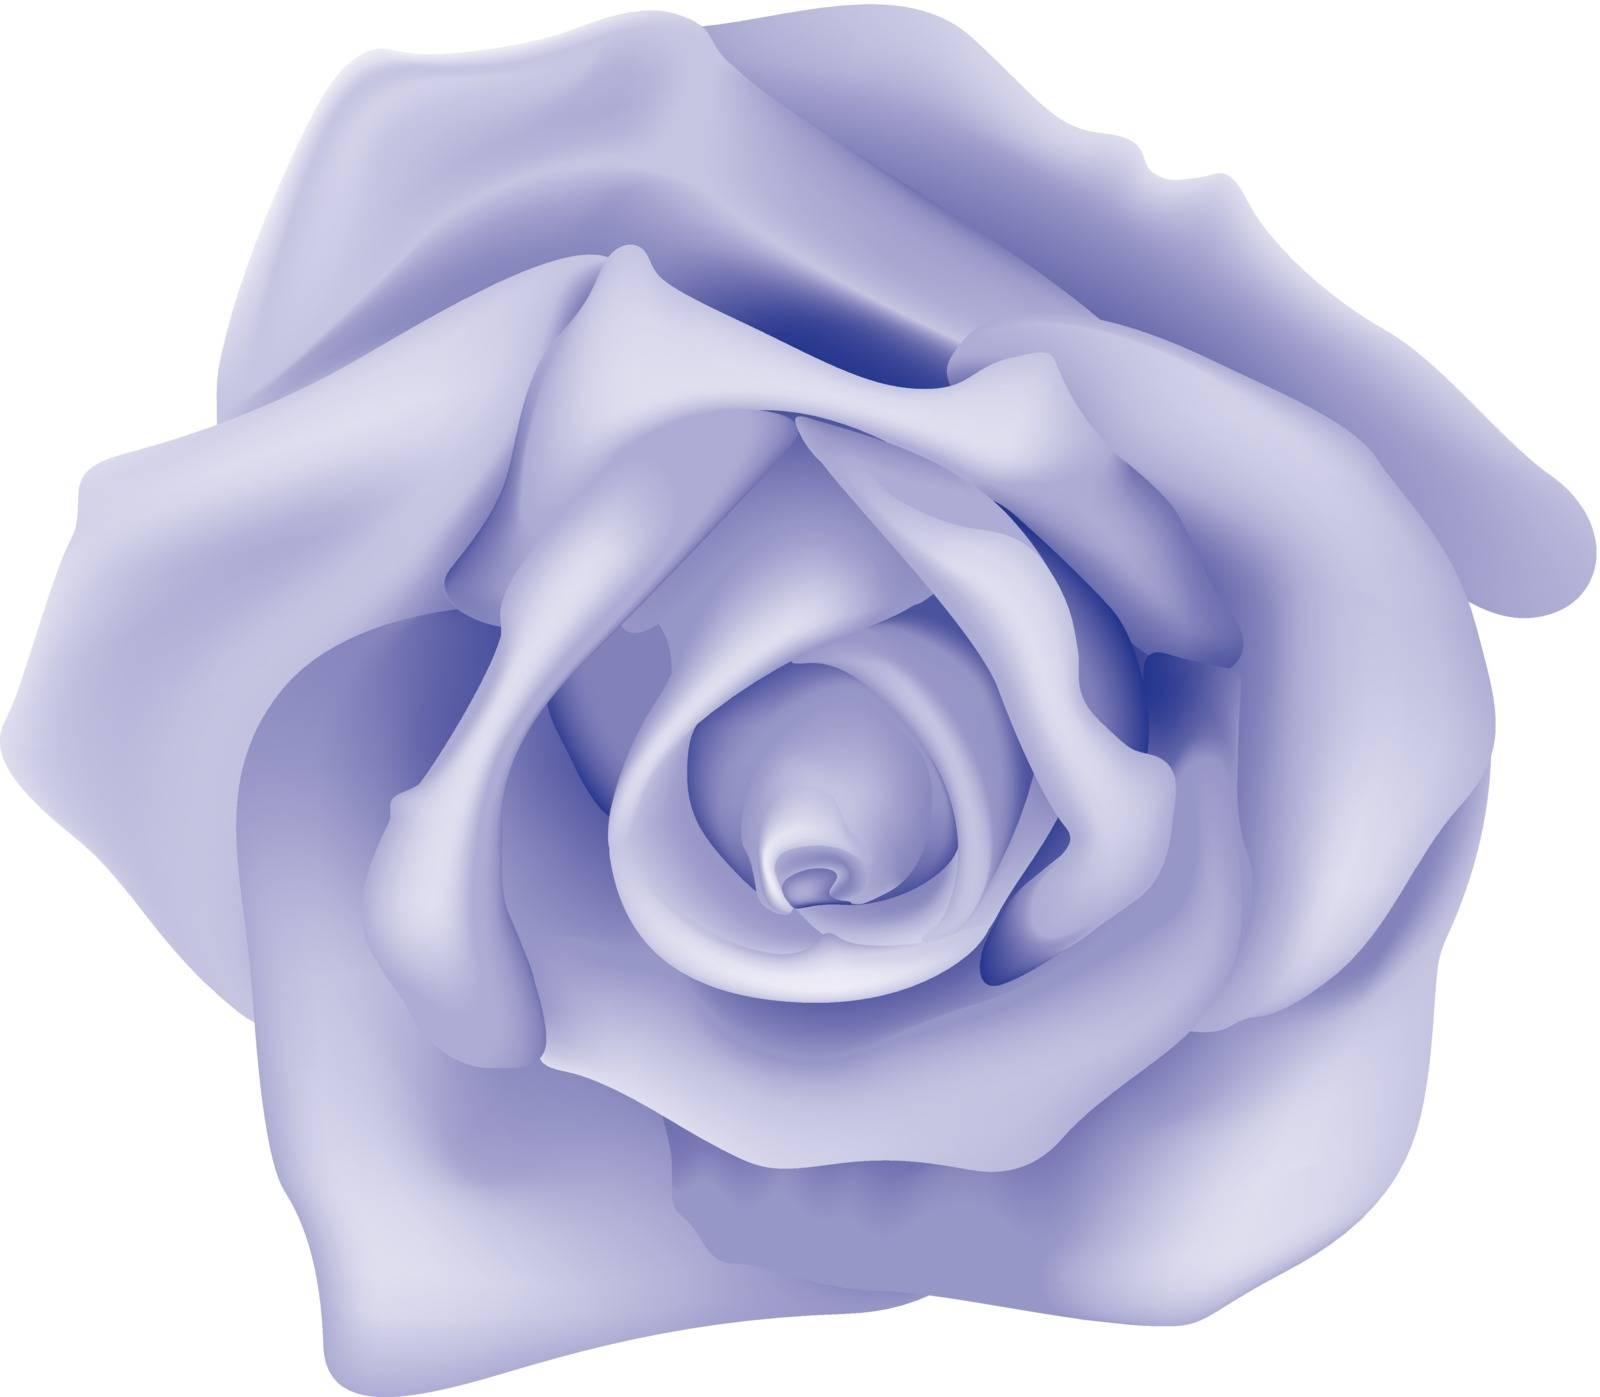 Violet Rose - Colored Illustration, Vector